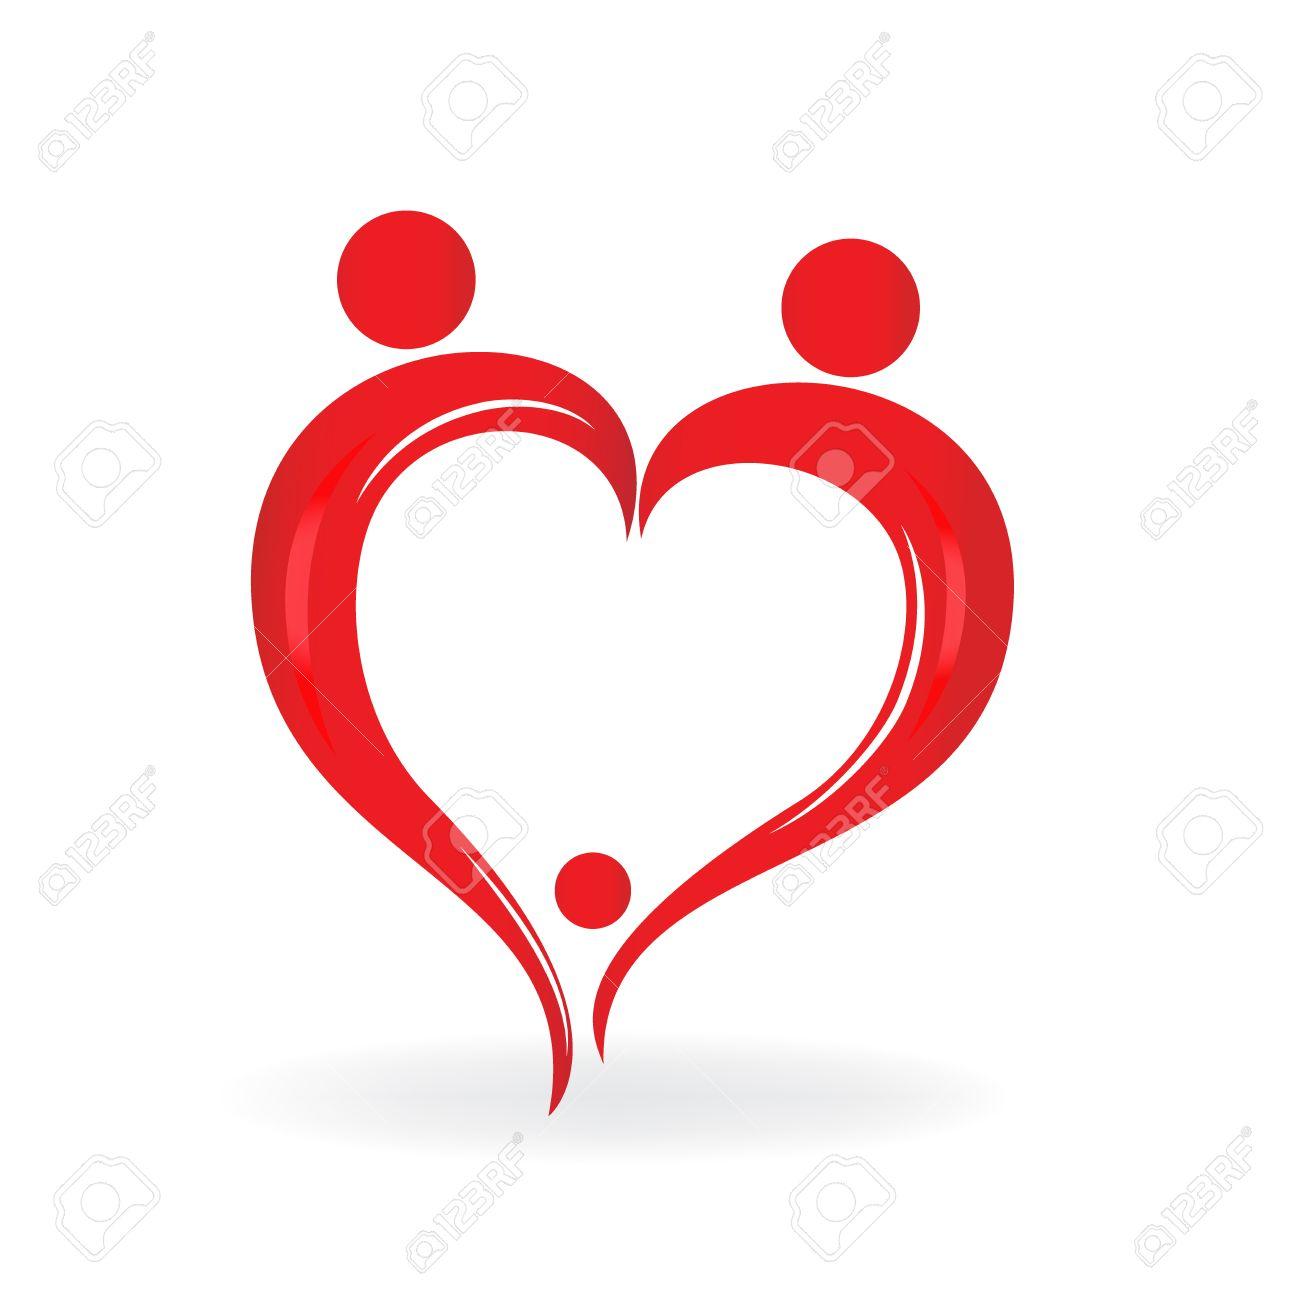 Family love heart symbol logo vector royalty free cliparts family love heart symbol logo vector stock vector 77388855 biocorpaavc Gallery